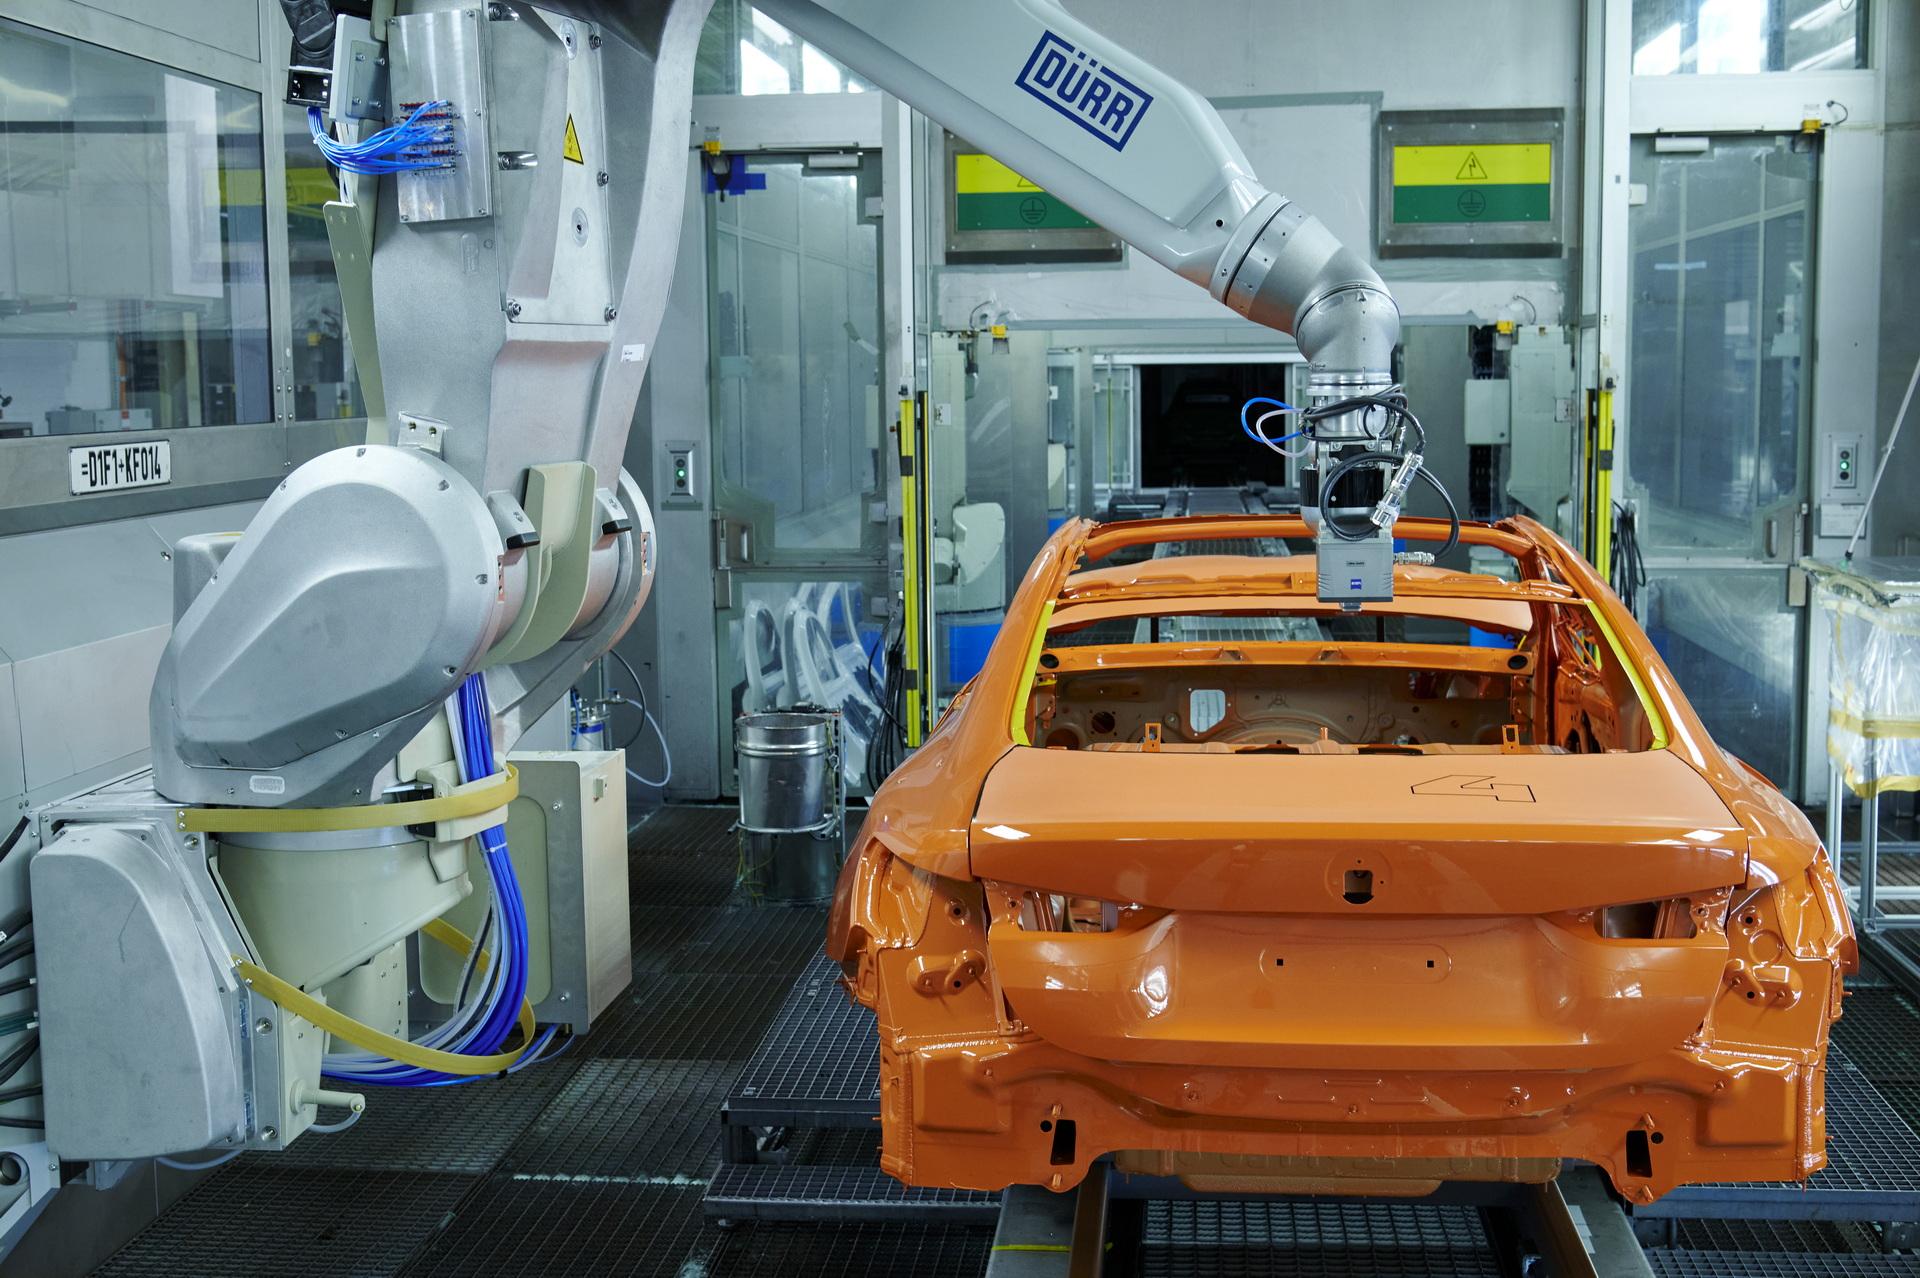 2022 Bmw M4 Ecopaintjet Pro Process 2